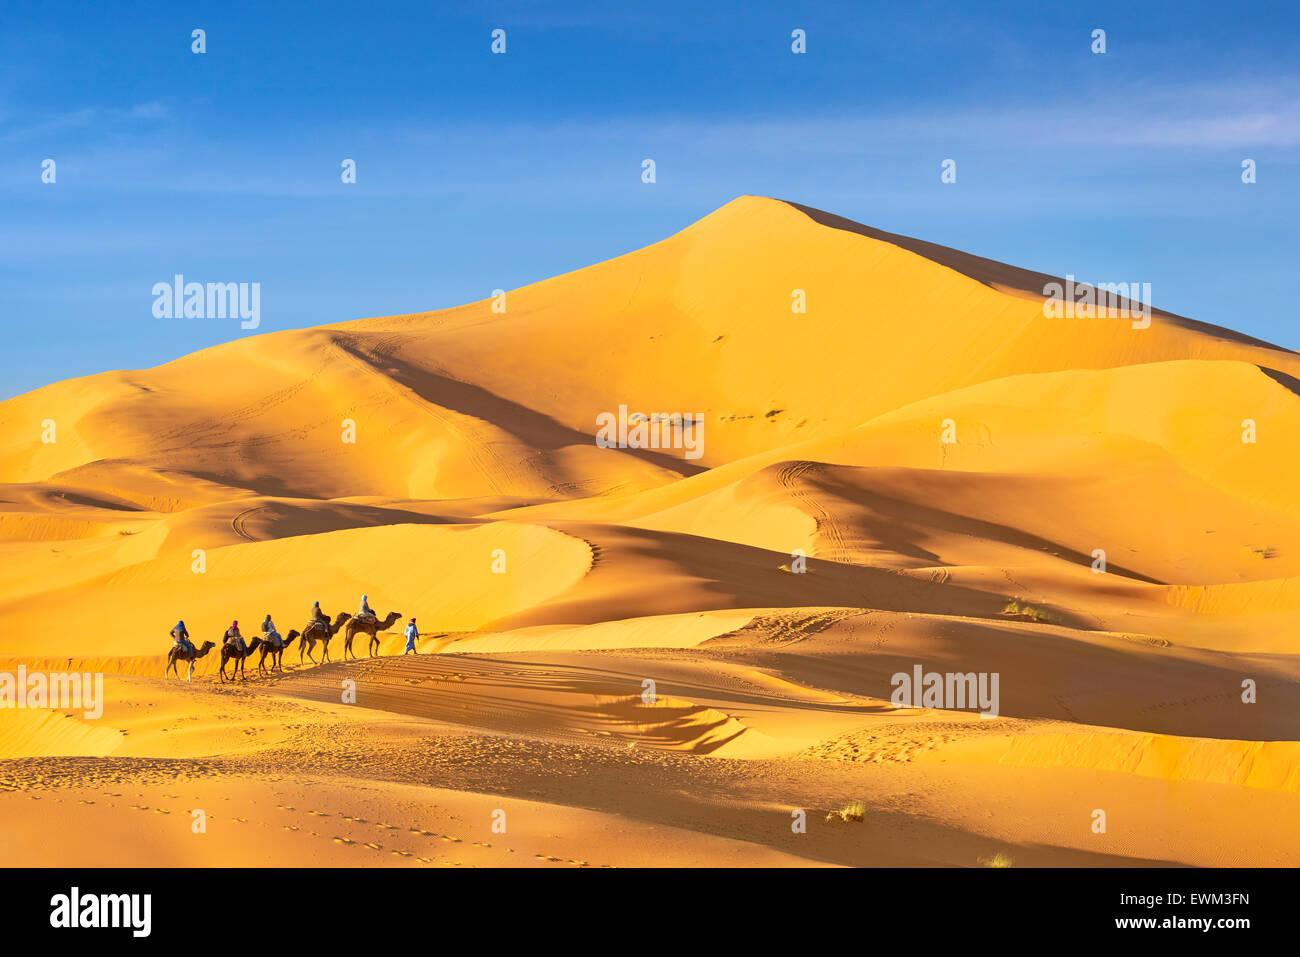 Les touristes monter sur des chameaux, désert Erg Chebbi près de Merzouga, Sahara, Maroc Photo Stock